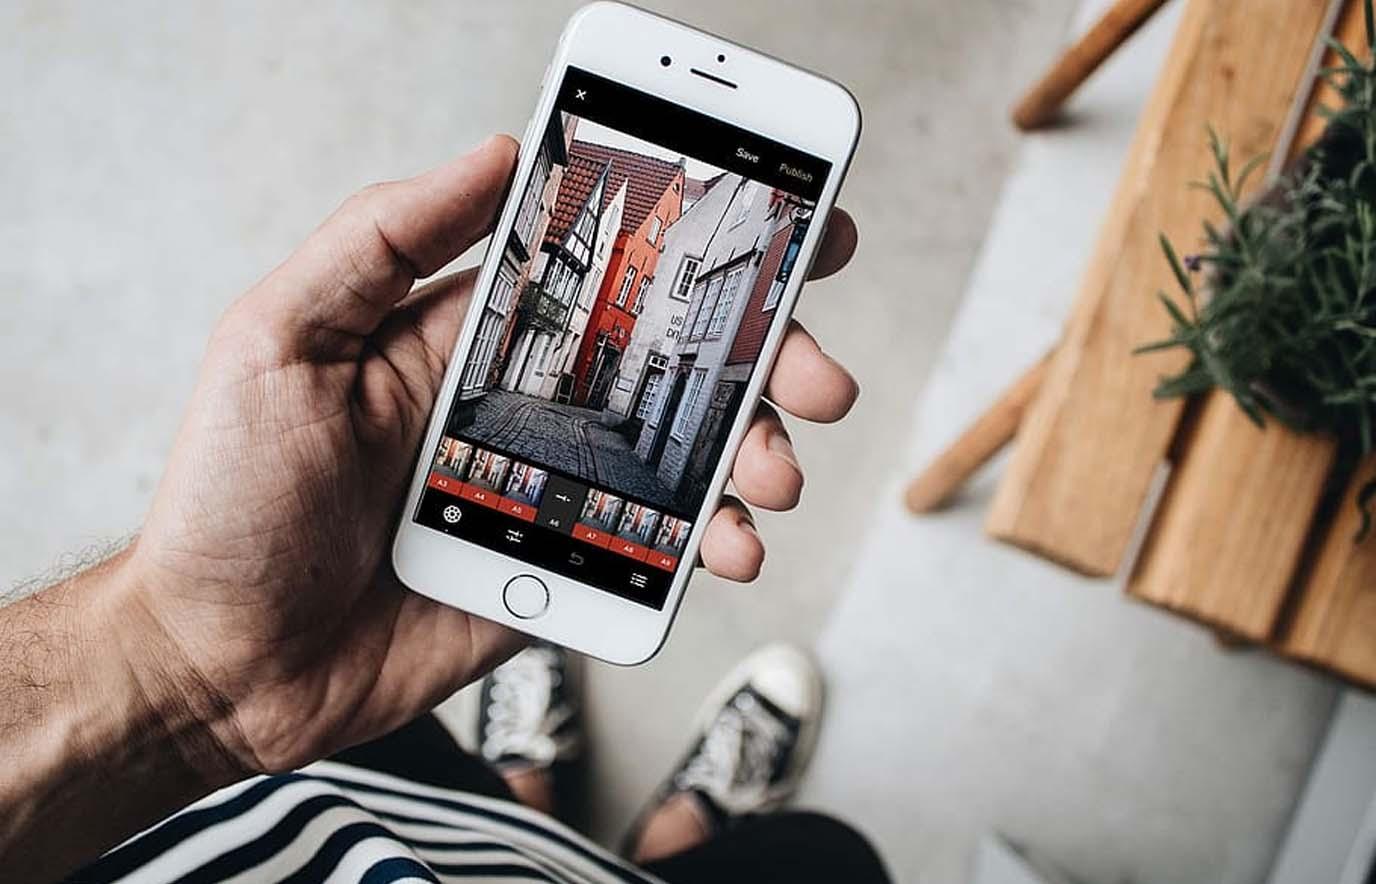 Is de iPhone 7 in 2021 nog bruikbaar?